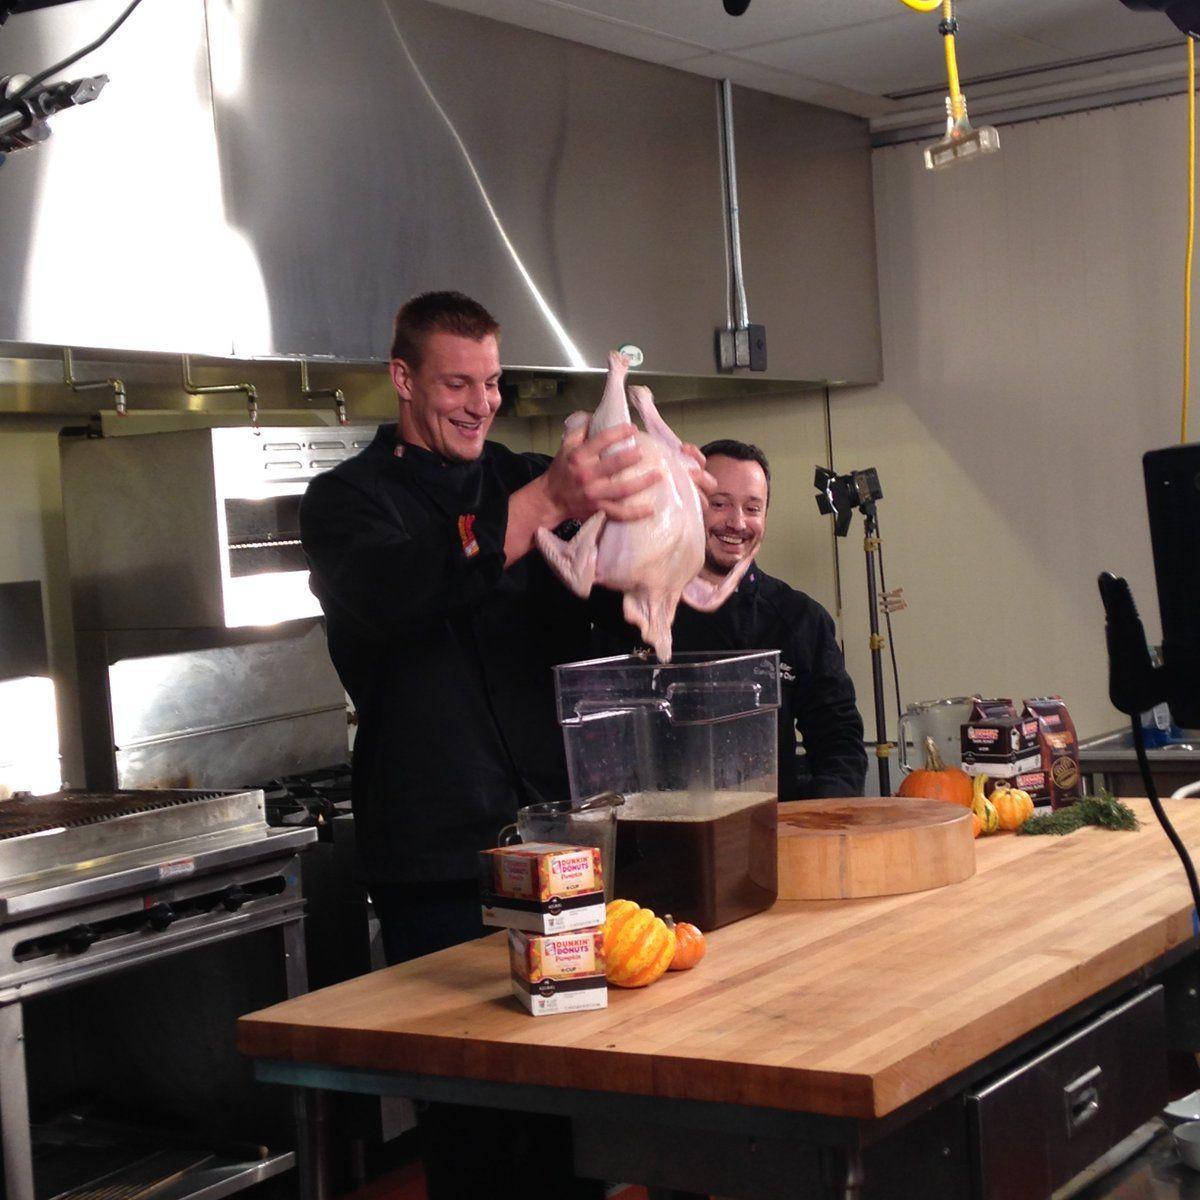 Chef gronk gronk gronkowski rob gronkowski